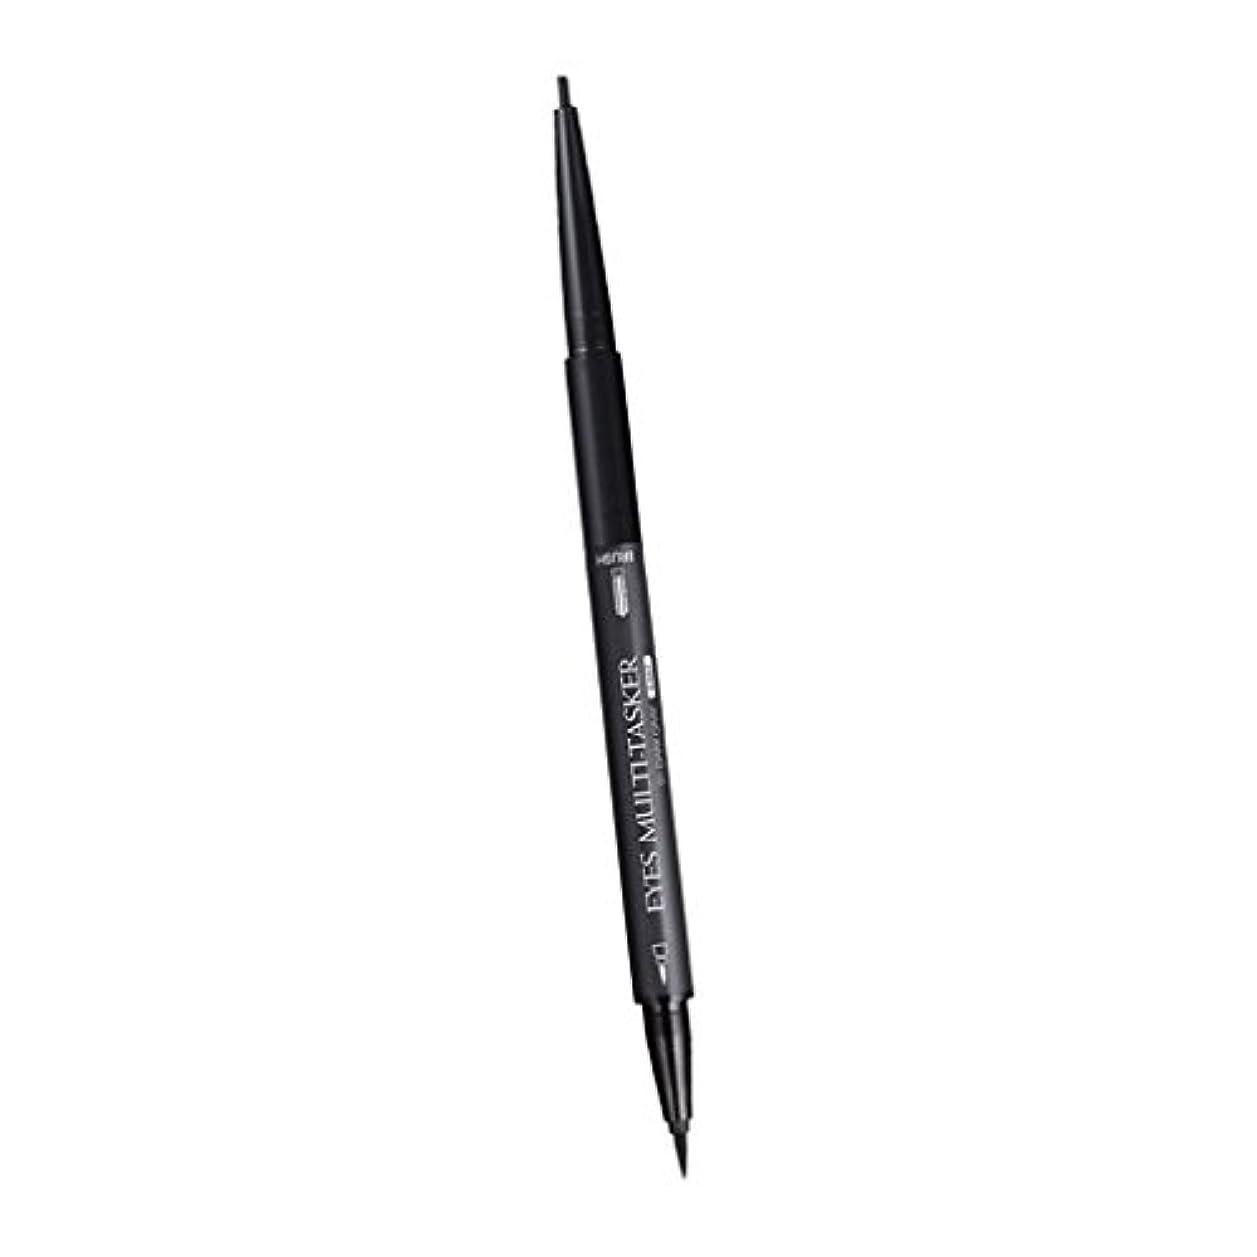 エキゾチック免除プレビスサイトDYNWAVE メイク鉛筆 多機能 アイブロー鉛筆 ロング アイライナー ブラシ